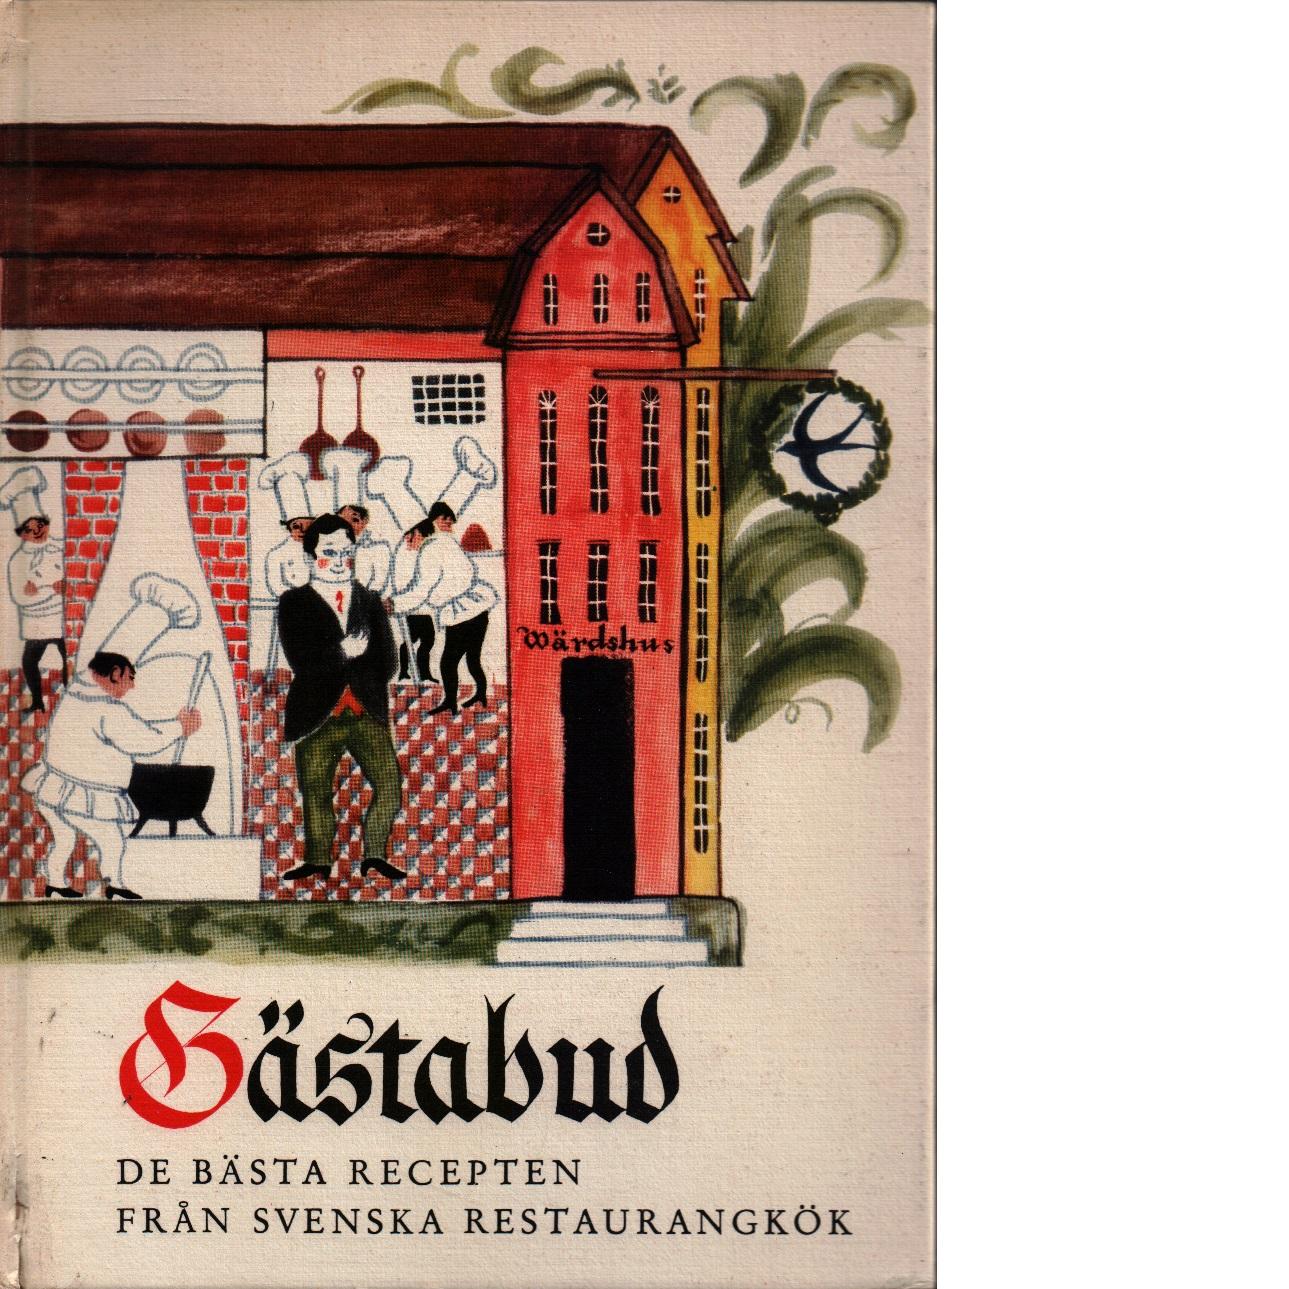 Gästabud : de bästa recepten från svenska restaurangkök - Red. Tore Wretman